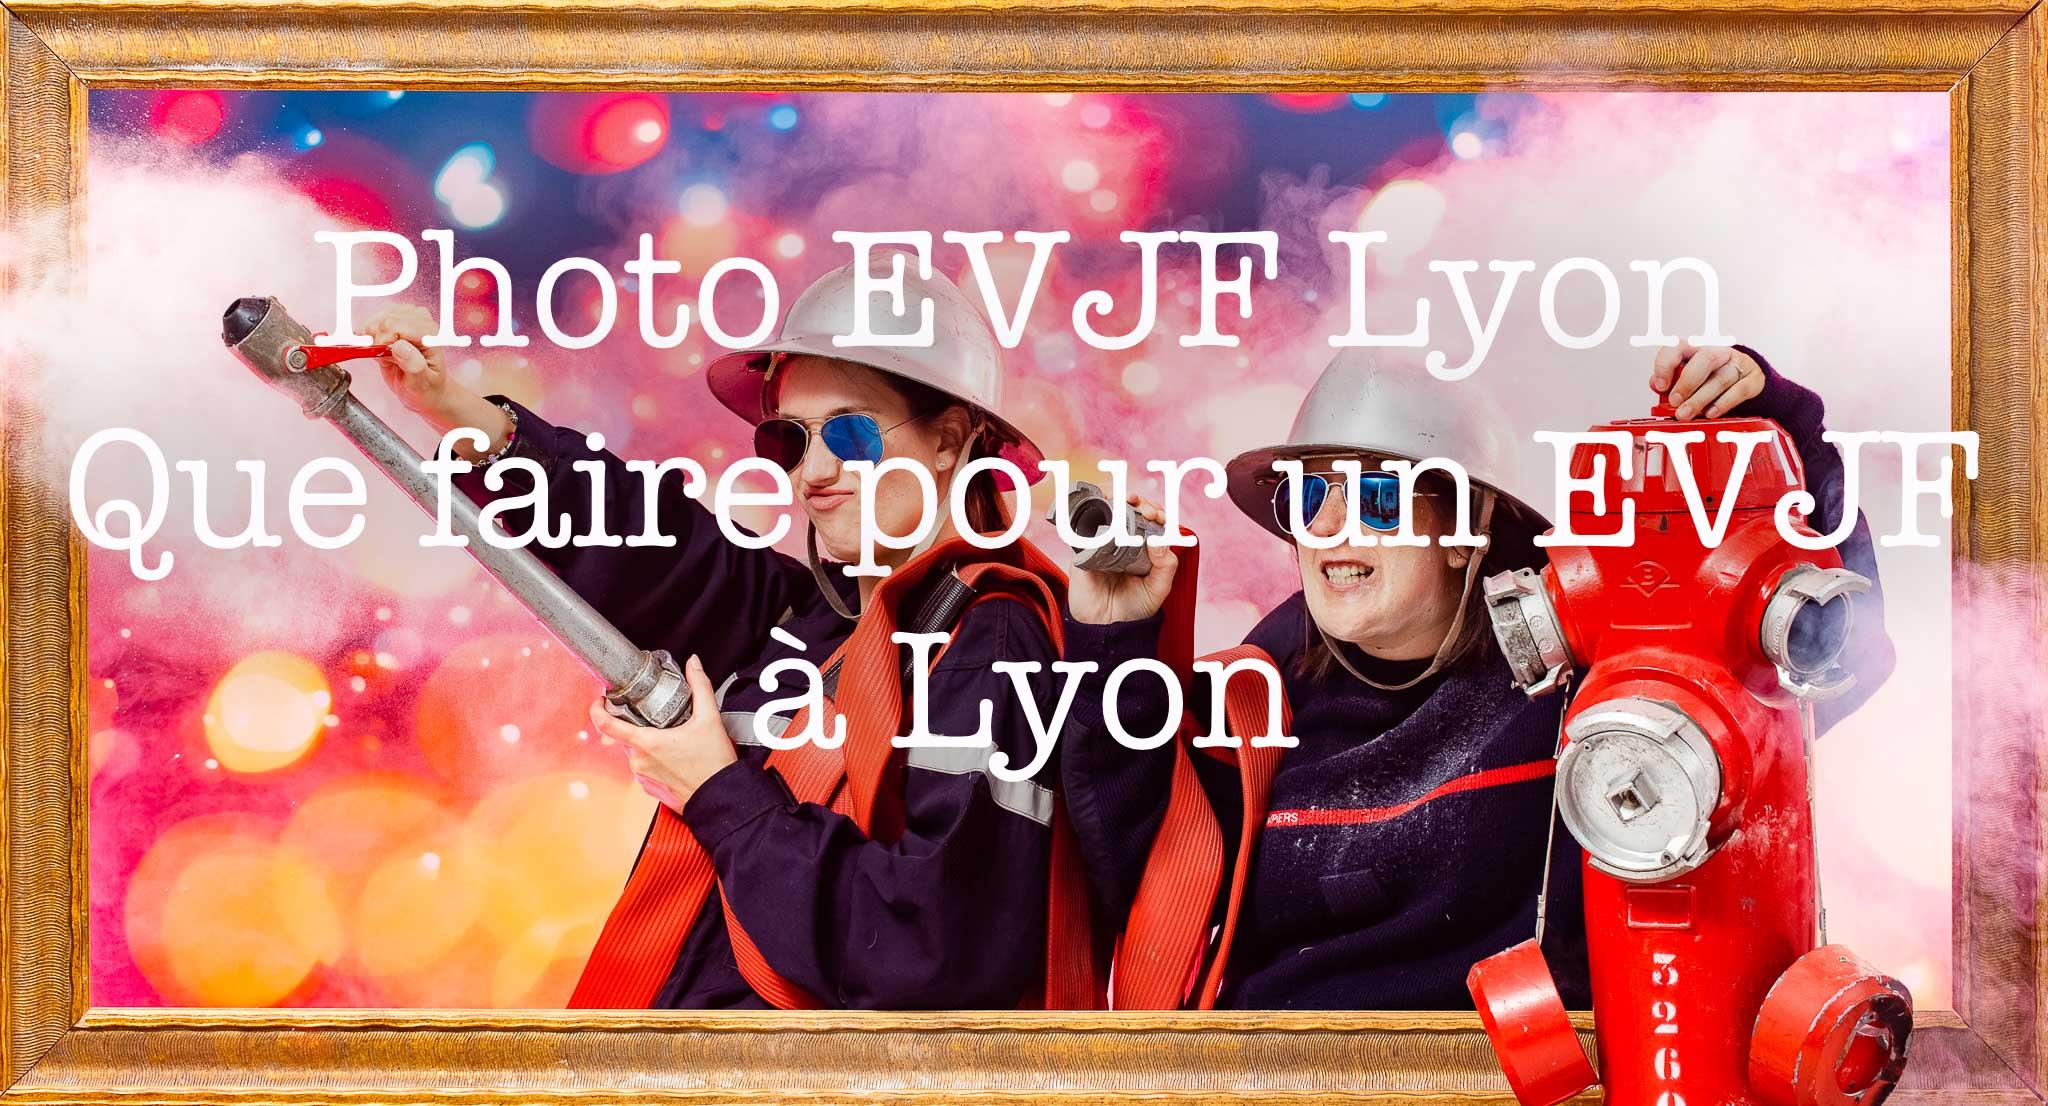 Photo EVJF Lyon | Deux copines déguisées en tenue de pompier tente de calmer la mariée lors de son enterrement de vie de jeune fille | réalisée sur décor